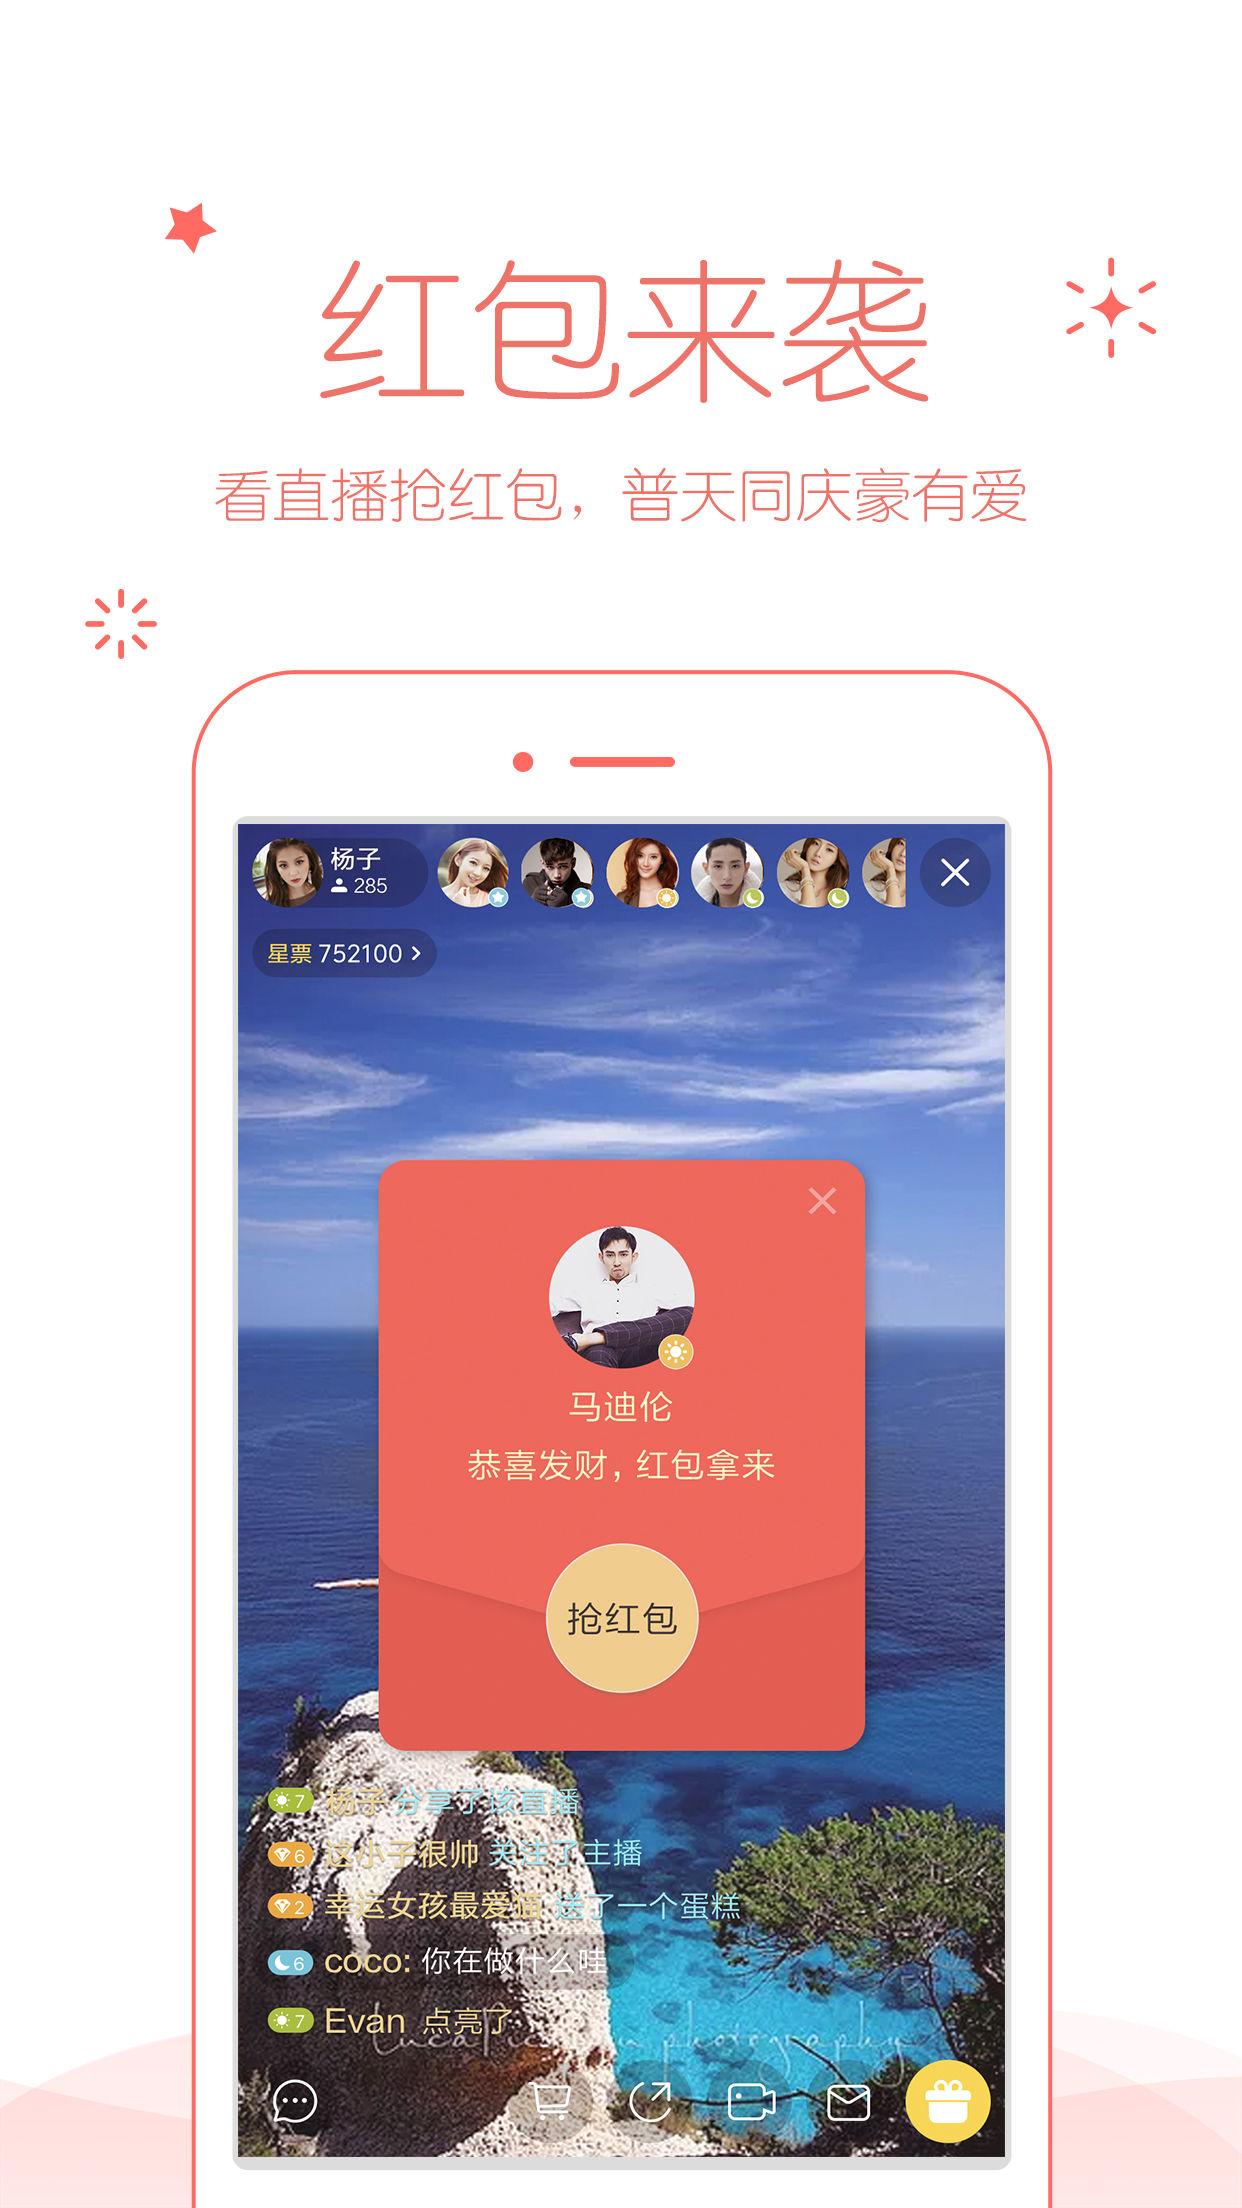 小米有乐 V4.30.19 安卓版截图4